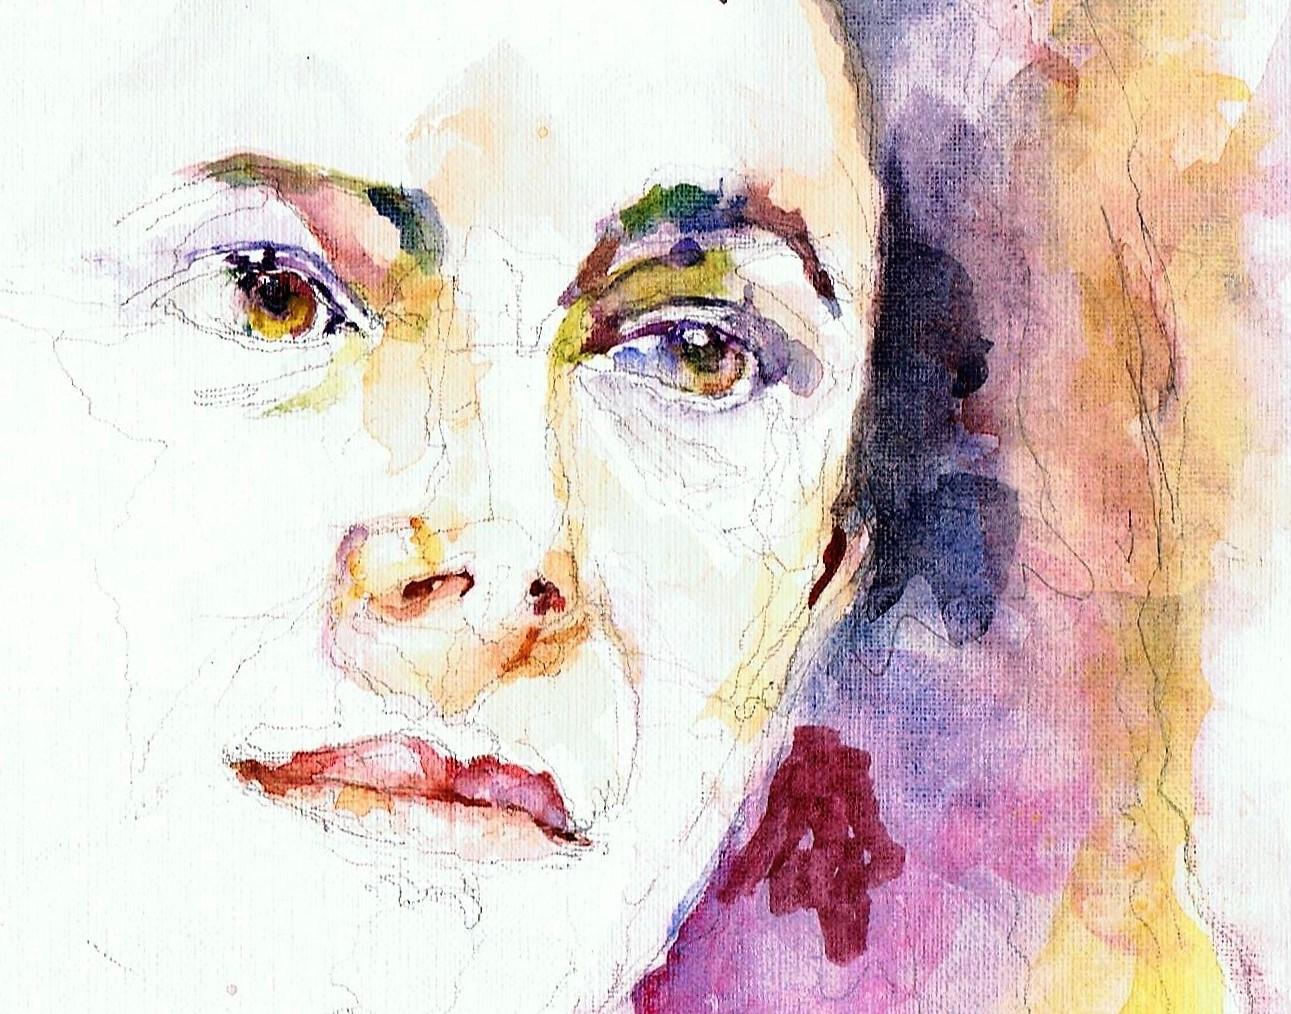 365 dagen een portret 169 Femke Halsema, politica Aquarel 19c25